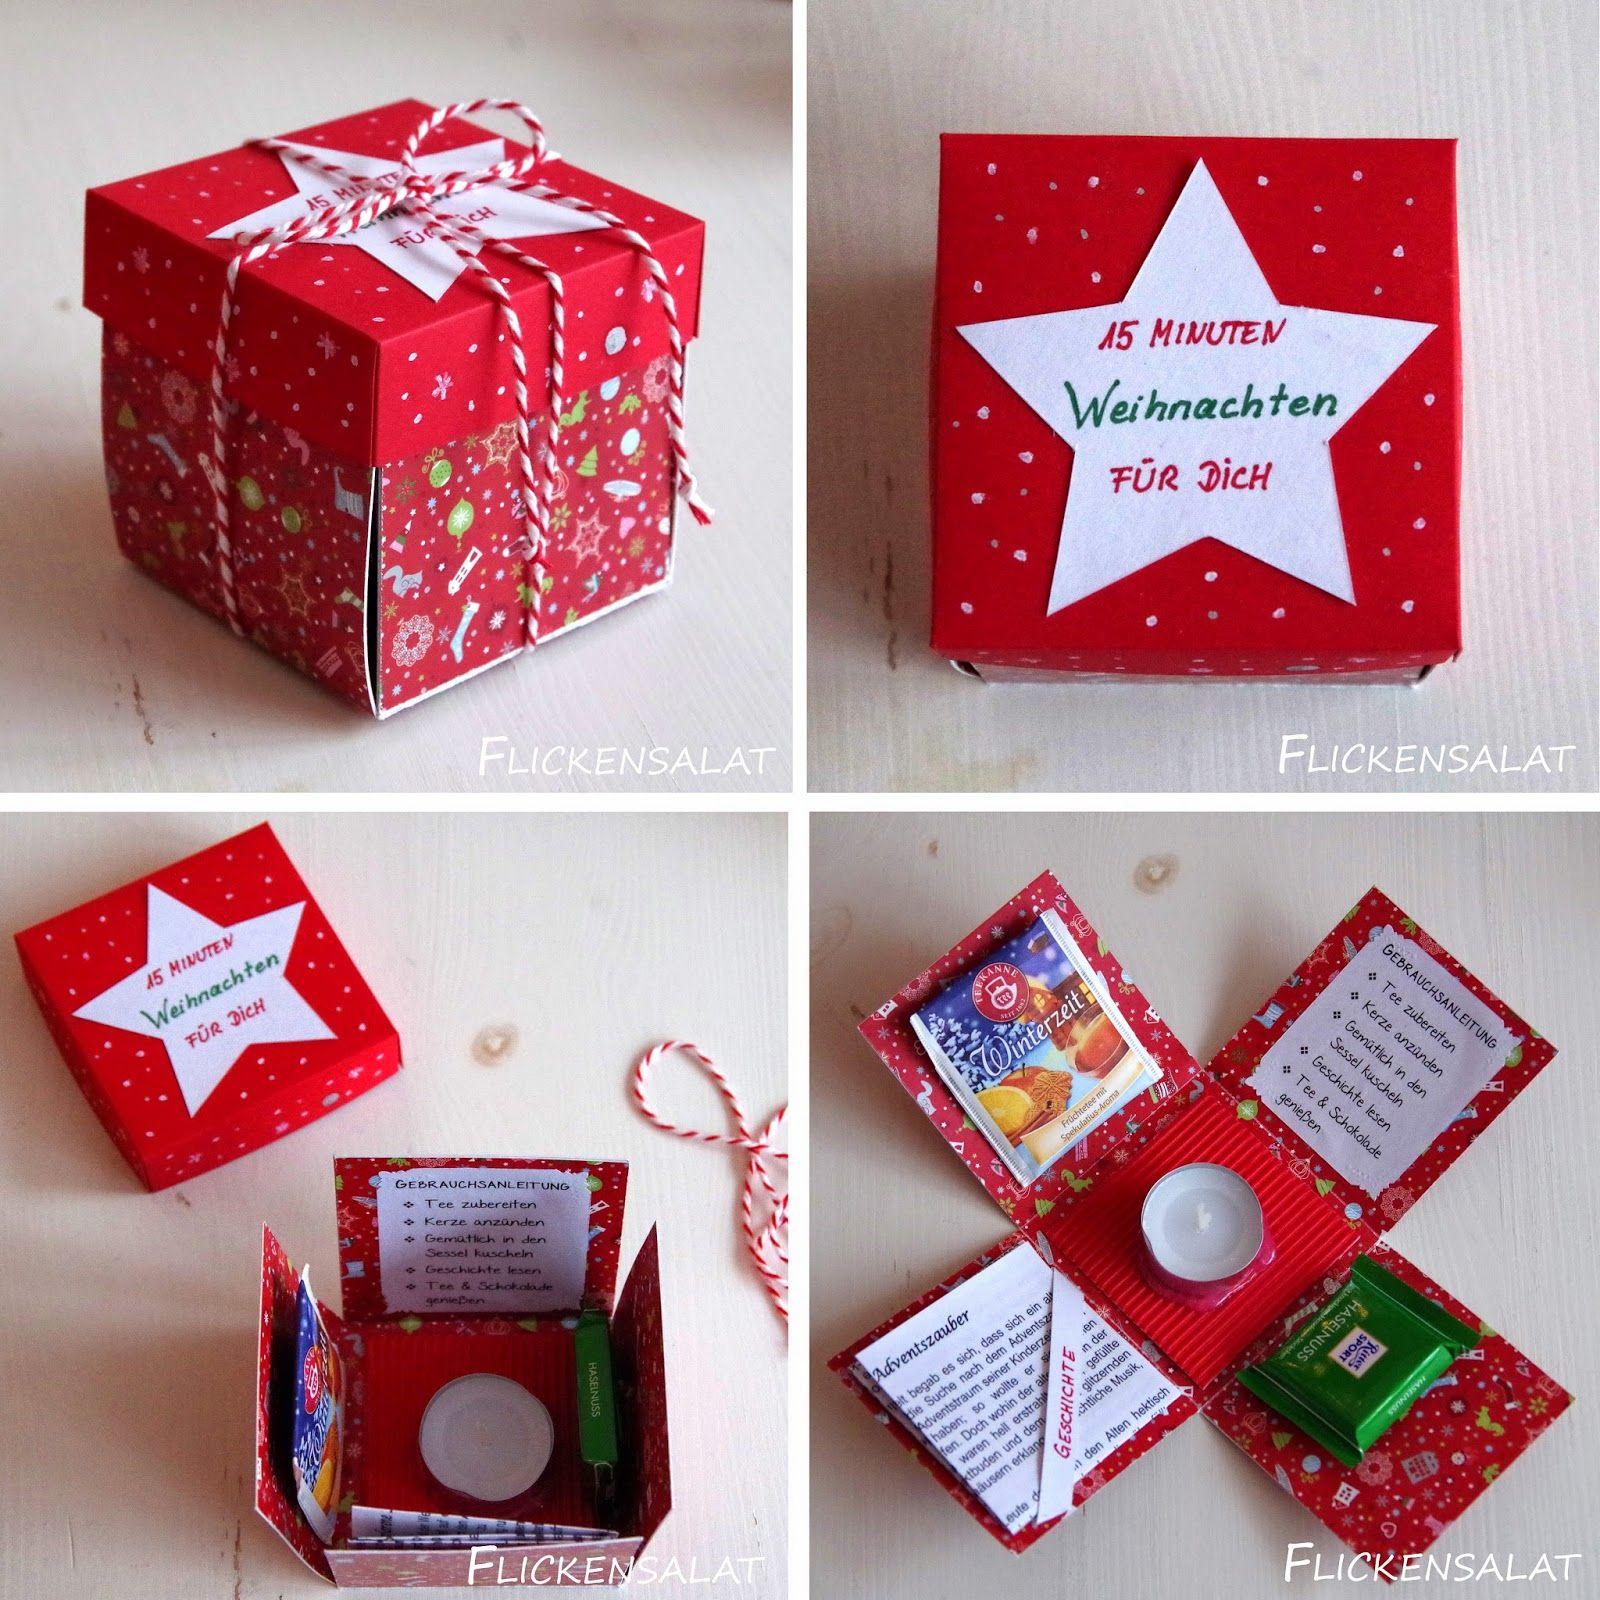 Flickensalat: Die 15-Minuten-Weihnachten-Box